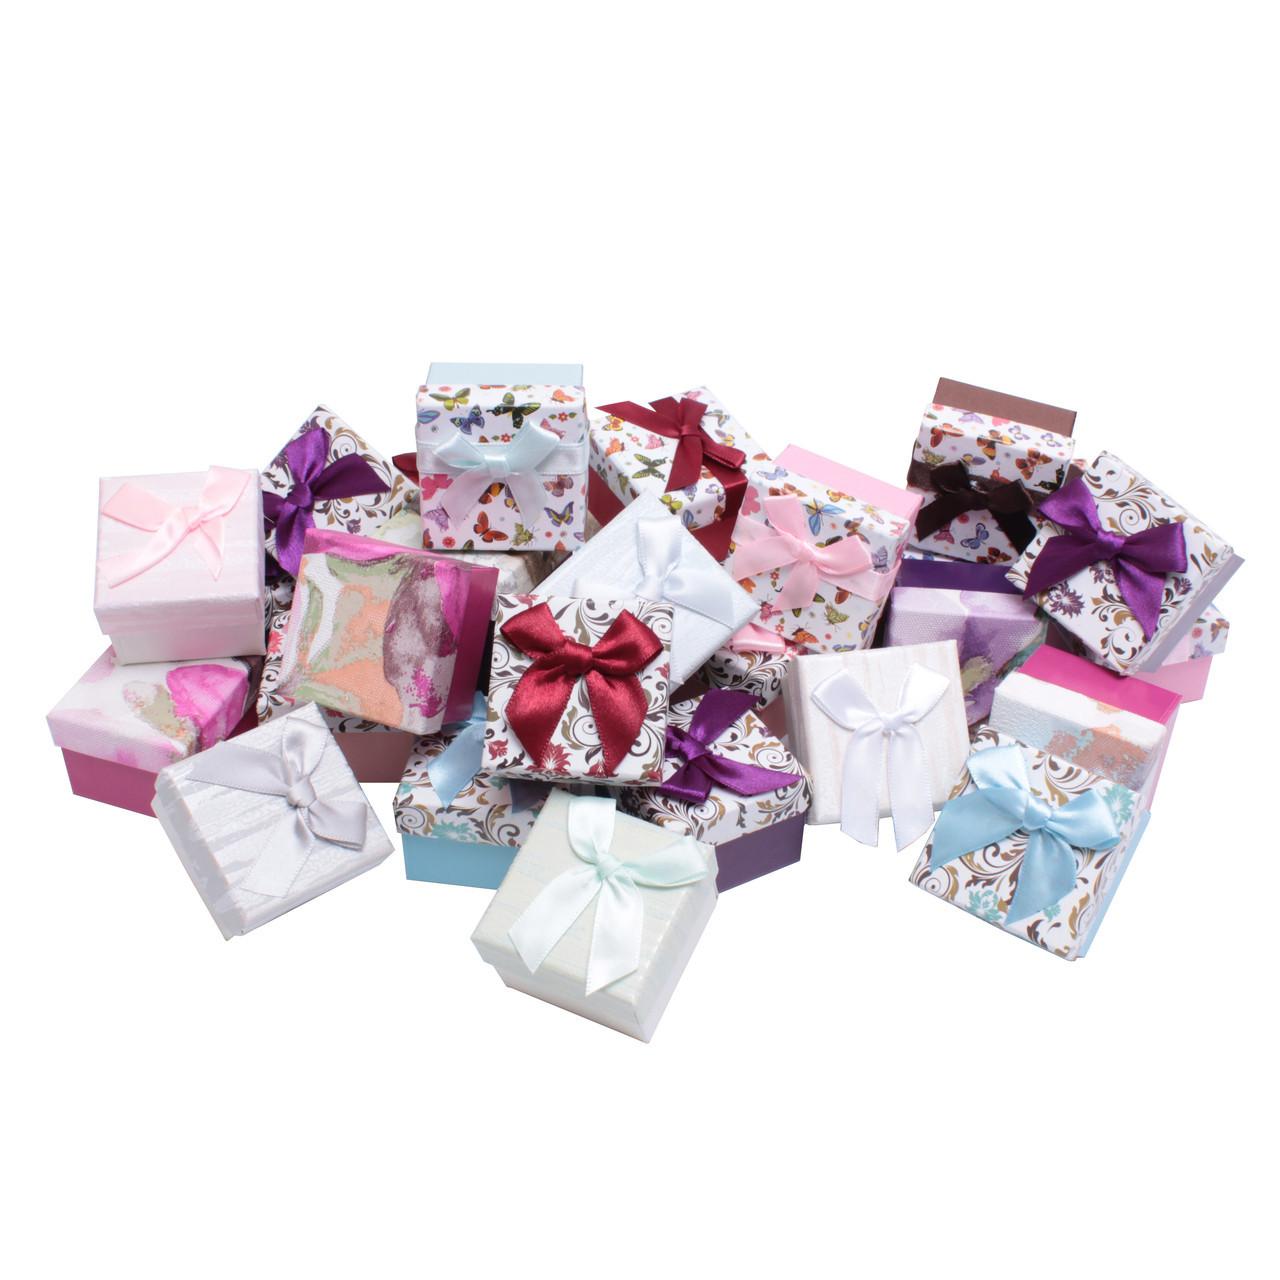 Бумажные коробочки Boxshop 50*50*35 мм, со съемной крышкой, с бантиком, разные цвета